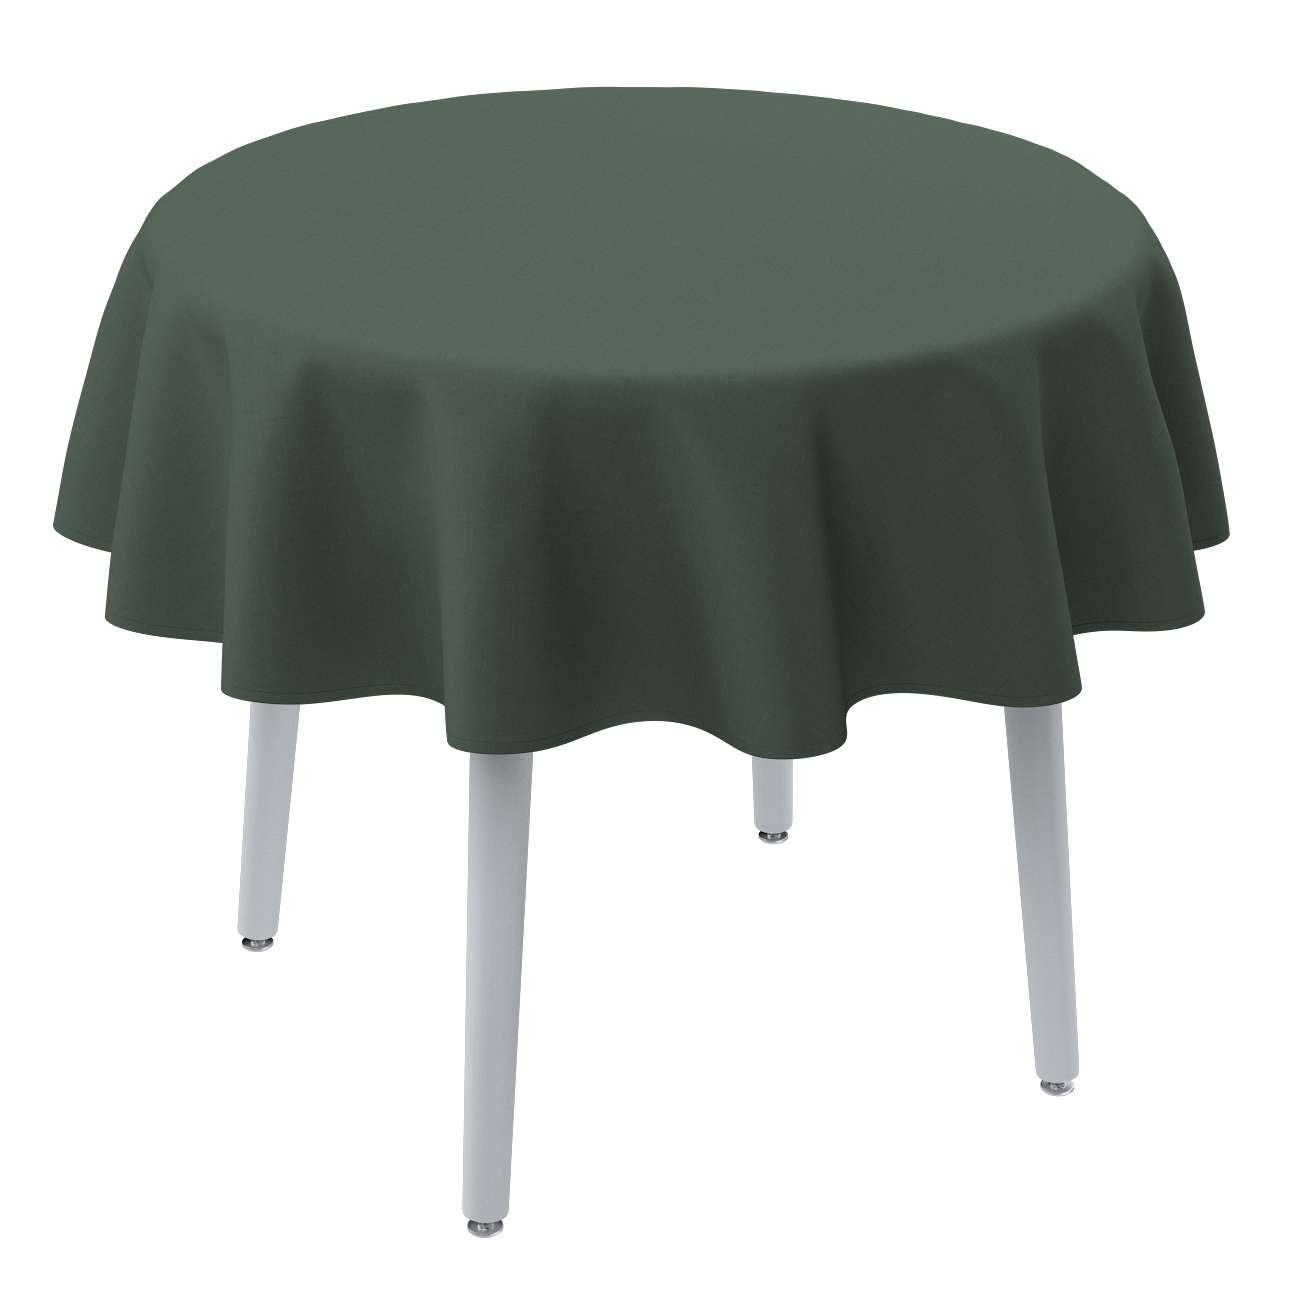 Staltiesės (apvaliam stalui) kolekcijoje Linen, audinys: 159-08